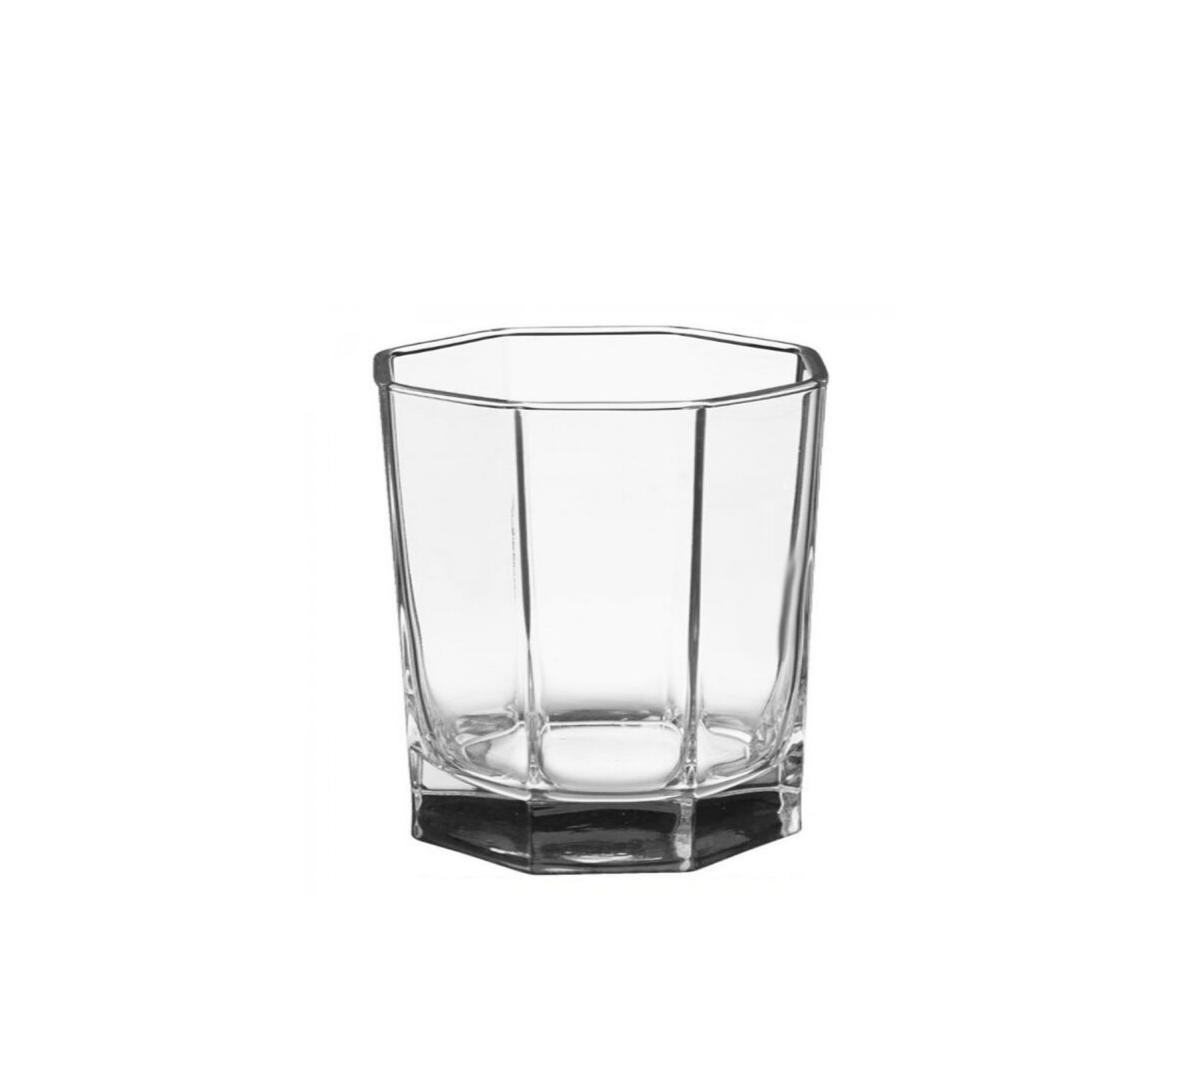 Набор стаканов Luminarc Octime низкие 3 штуки